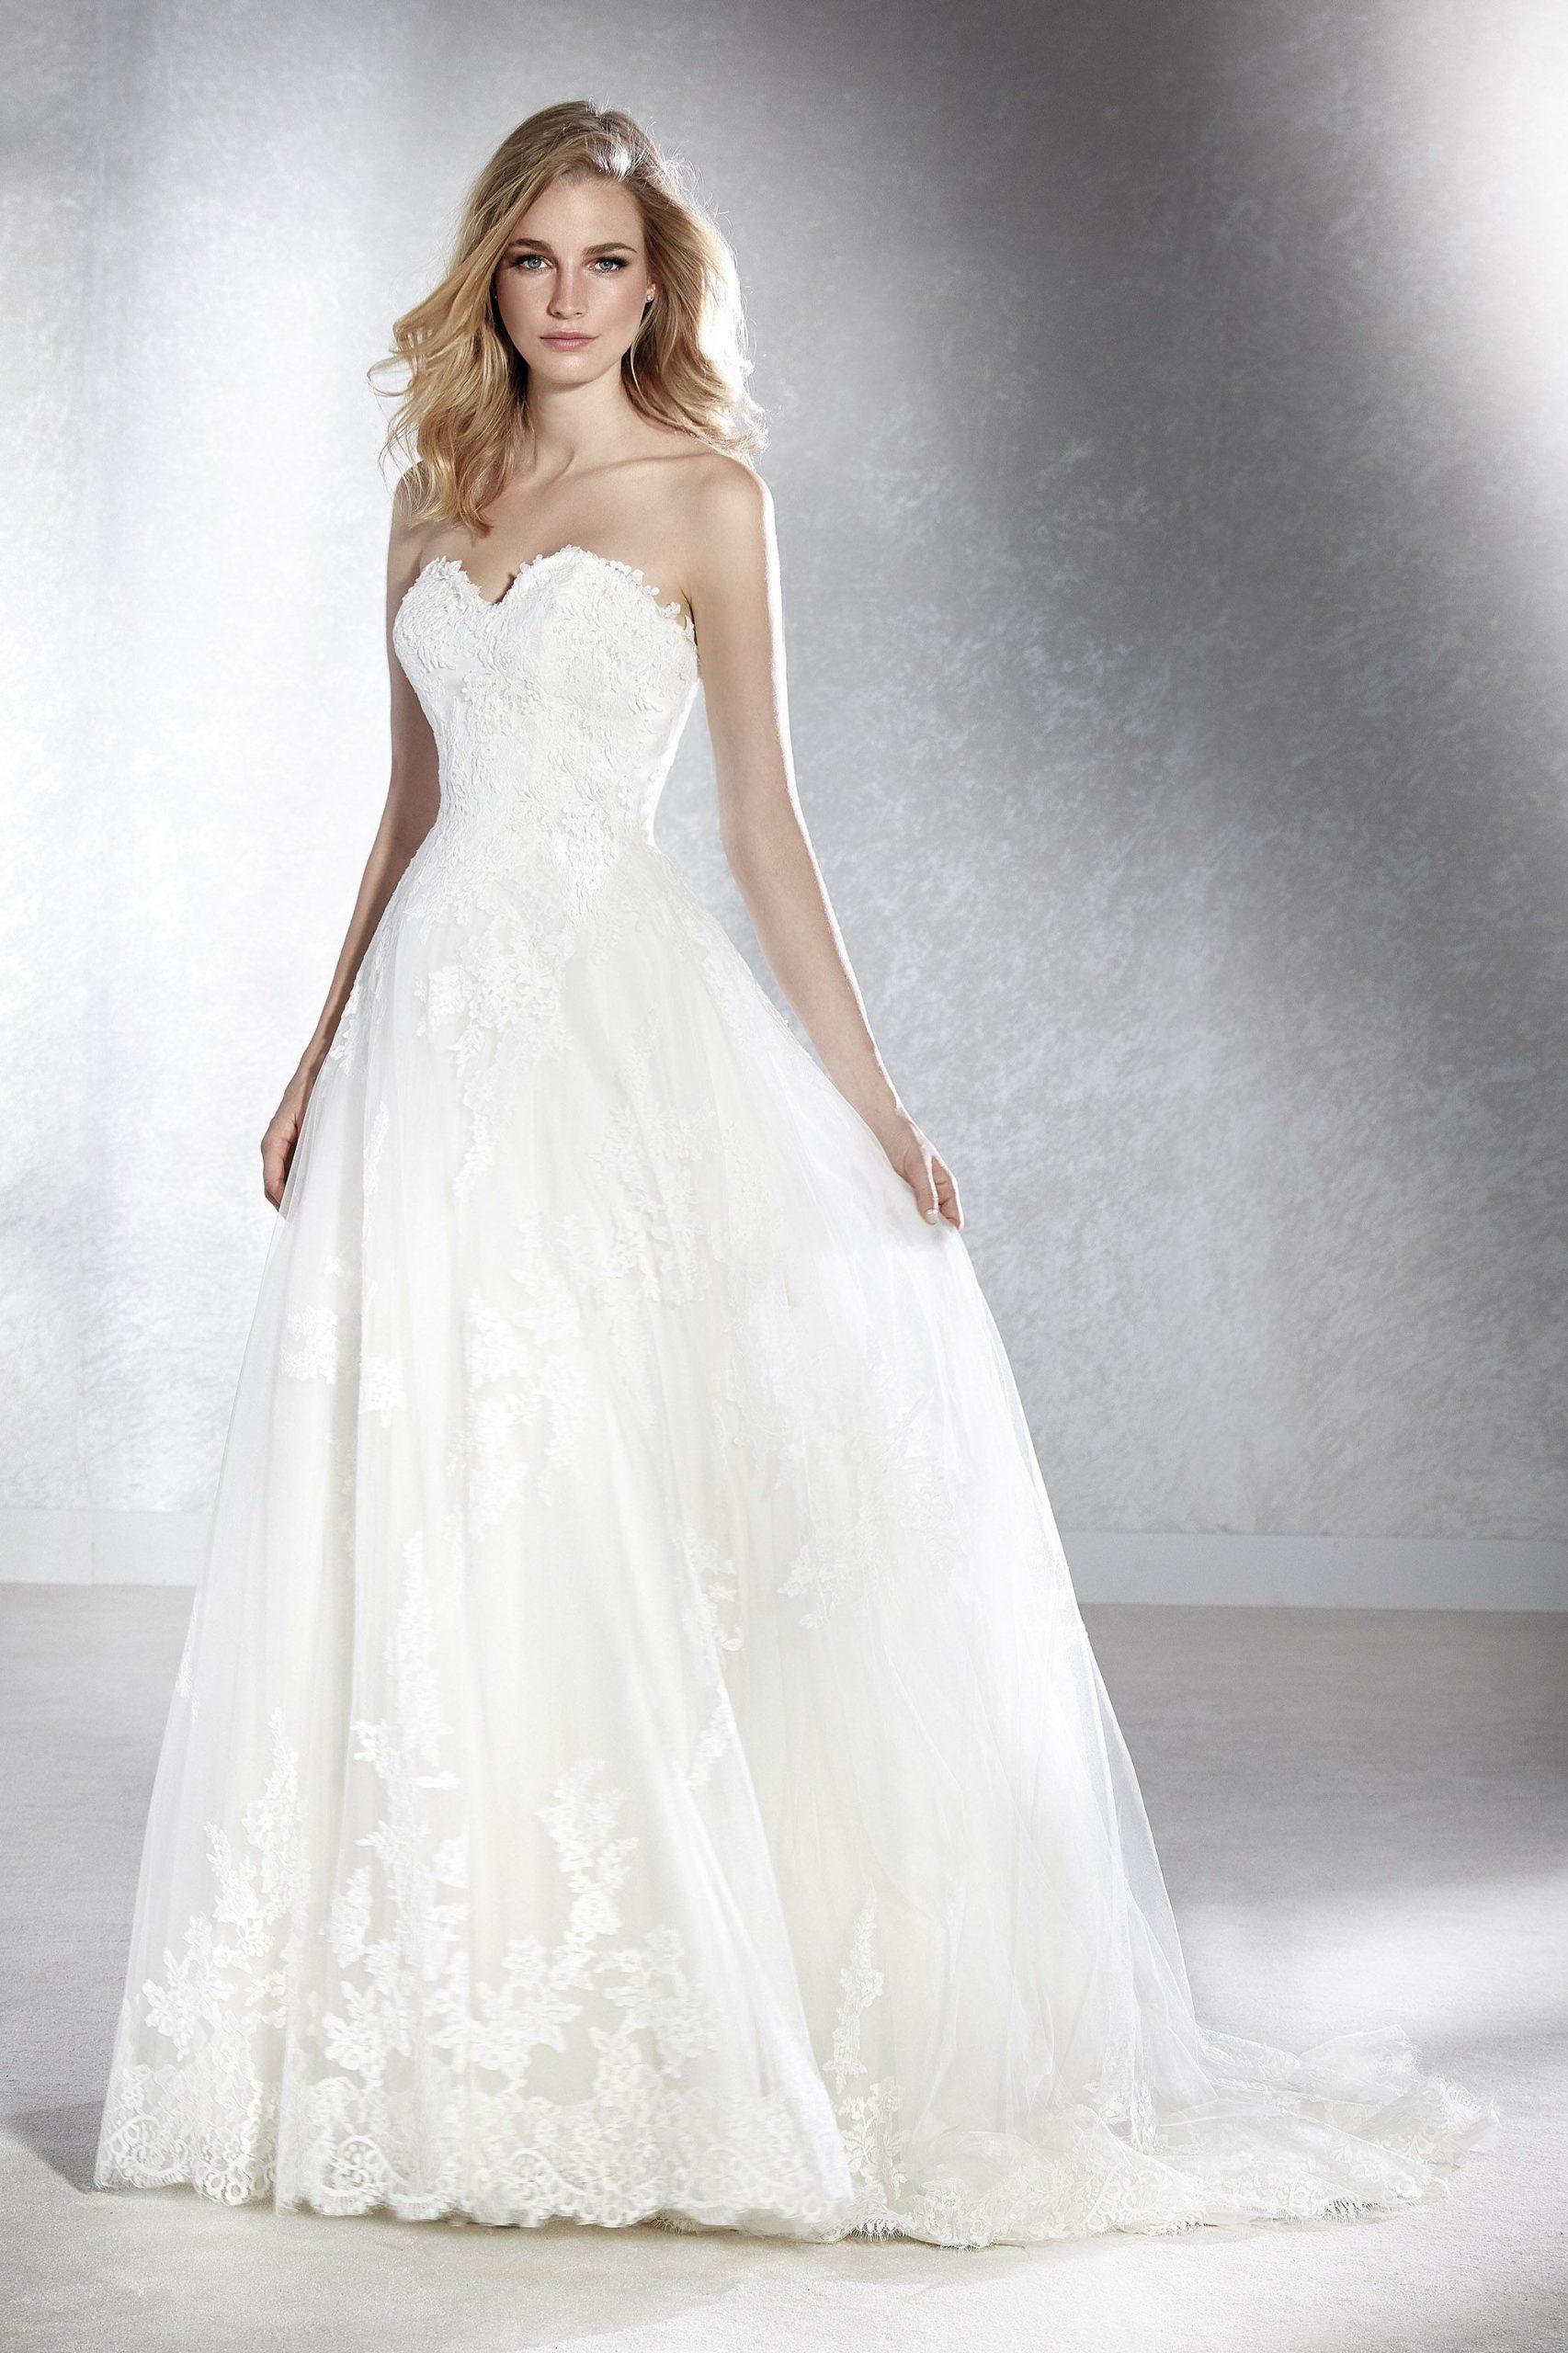 Brautkleid Corsagenkleid Alinie Spitze White One  Kleid